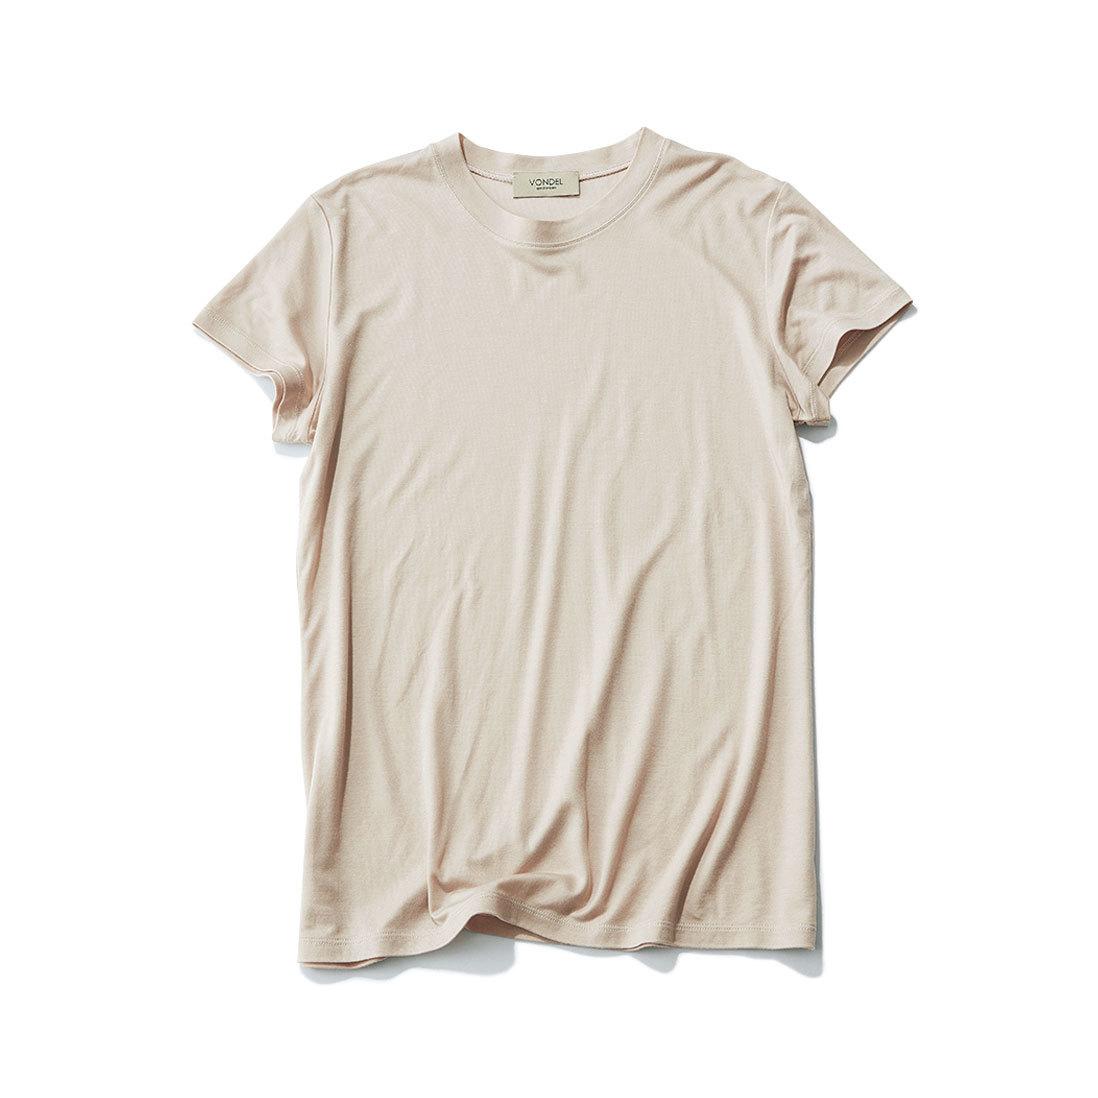 スモーキカラーがしゃれ感を発揮。スカートに合う「カラーTシャツ」_1_1-2